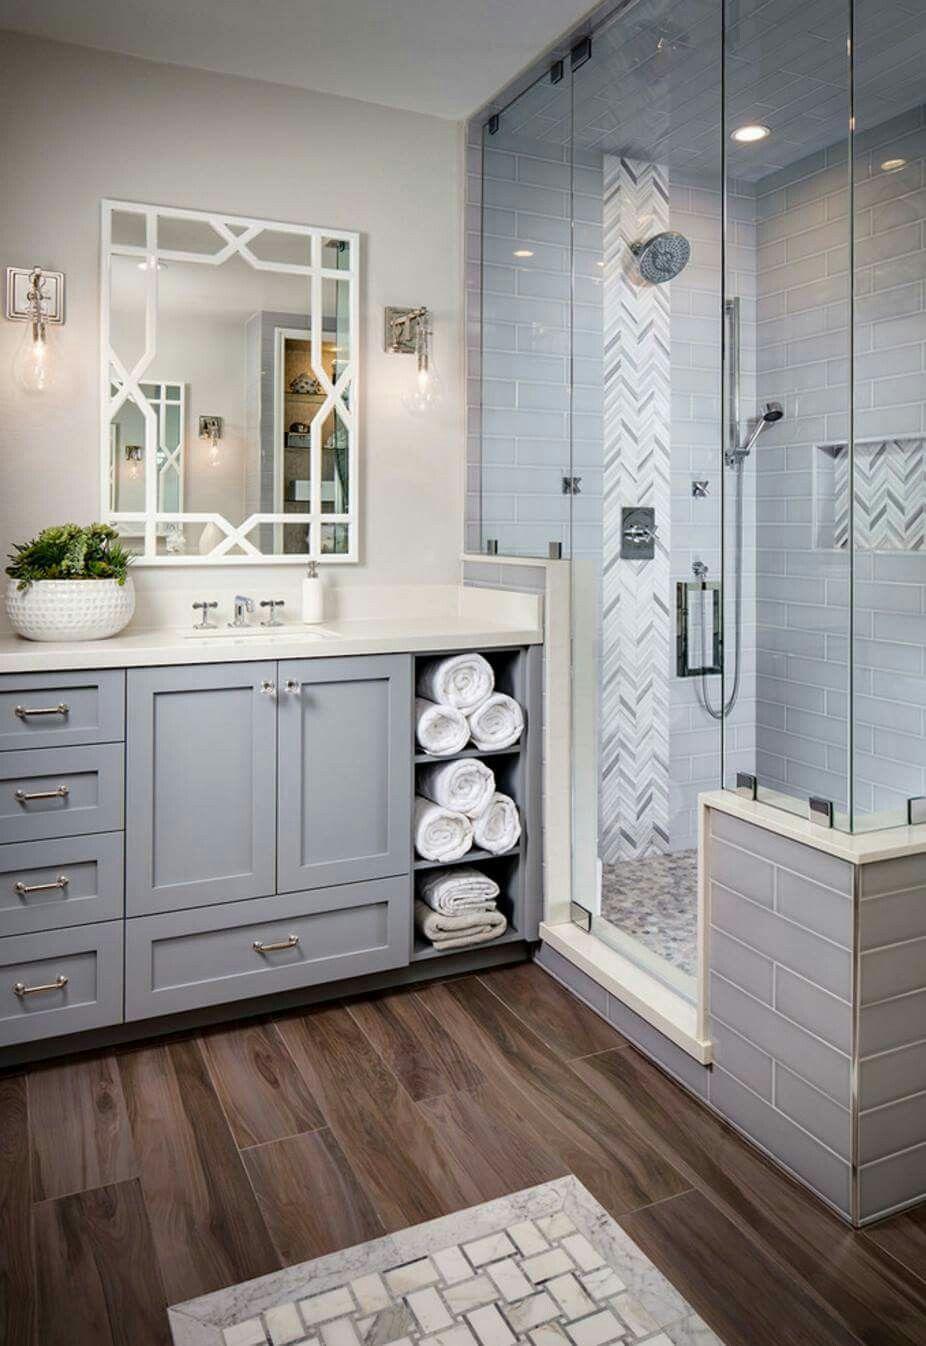 Salle De Bains Toilettes Difference ~  pingl par laura mei san sur cj pitu pinterest salle de bains